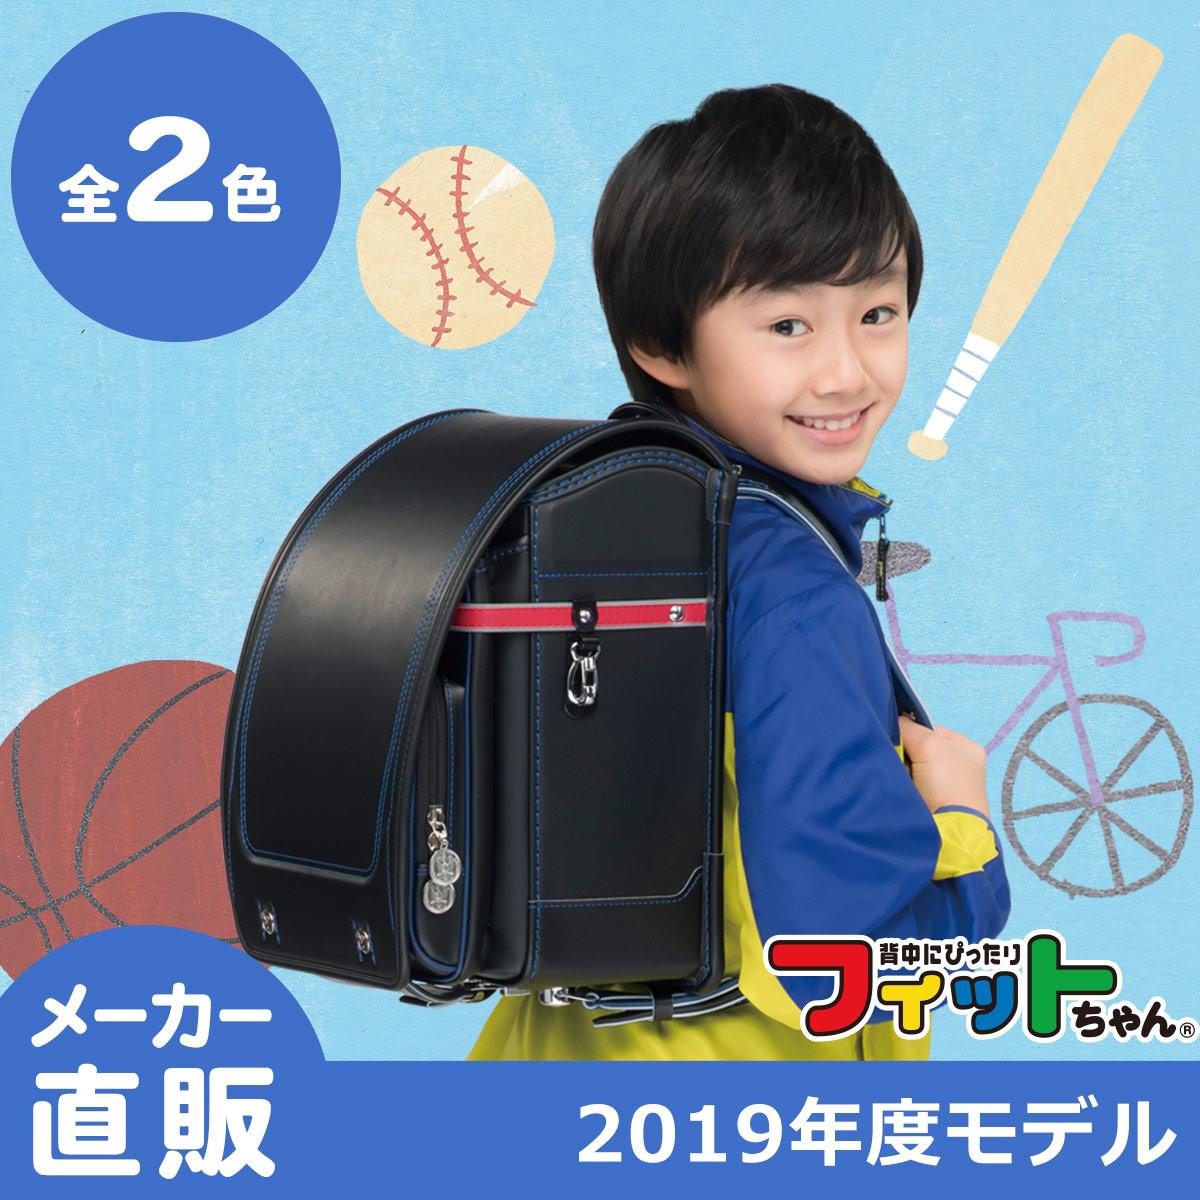 フィットちゃん 男の子 アスリートボーイ(FIT-227Z)2019年モデル プレミアムフィットちゃんランドセルA4フラットファイル収納サイズ